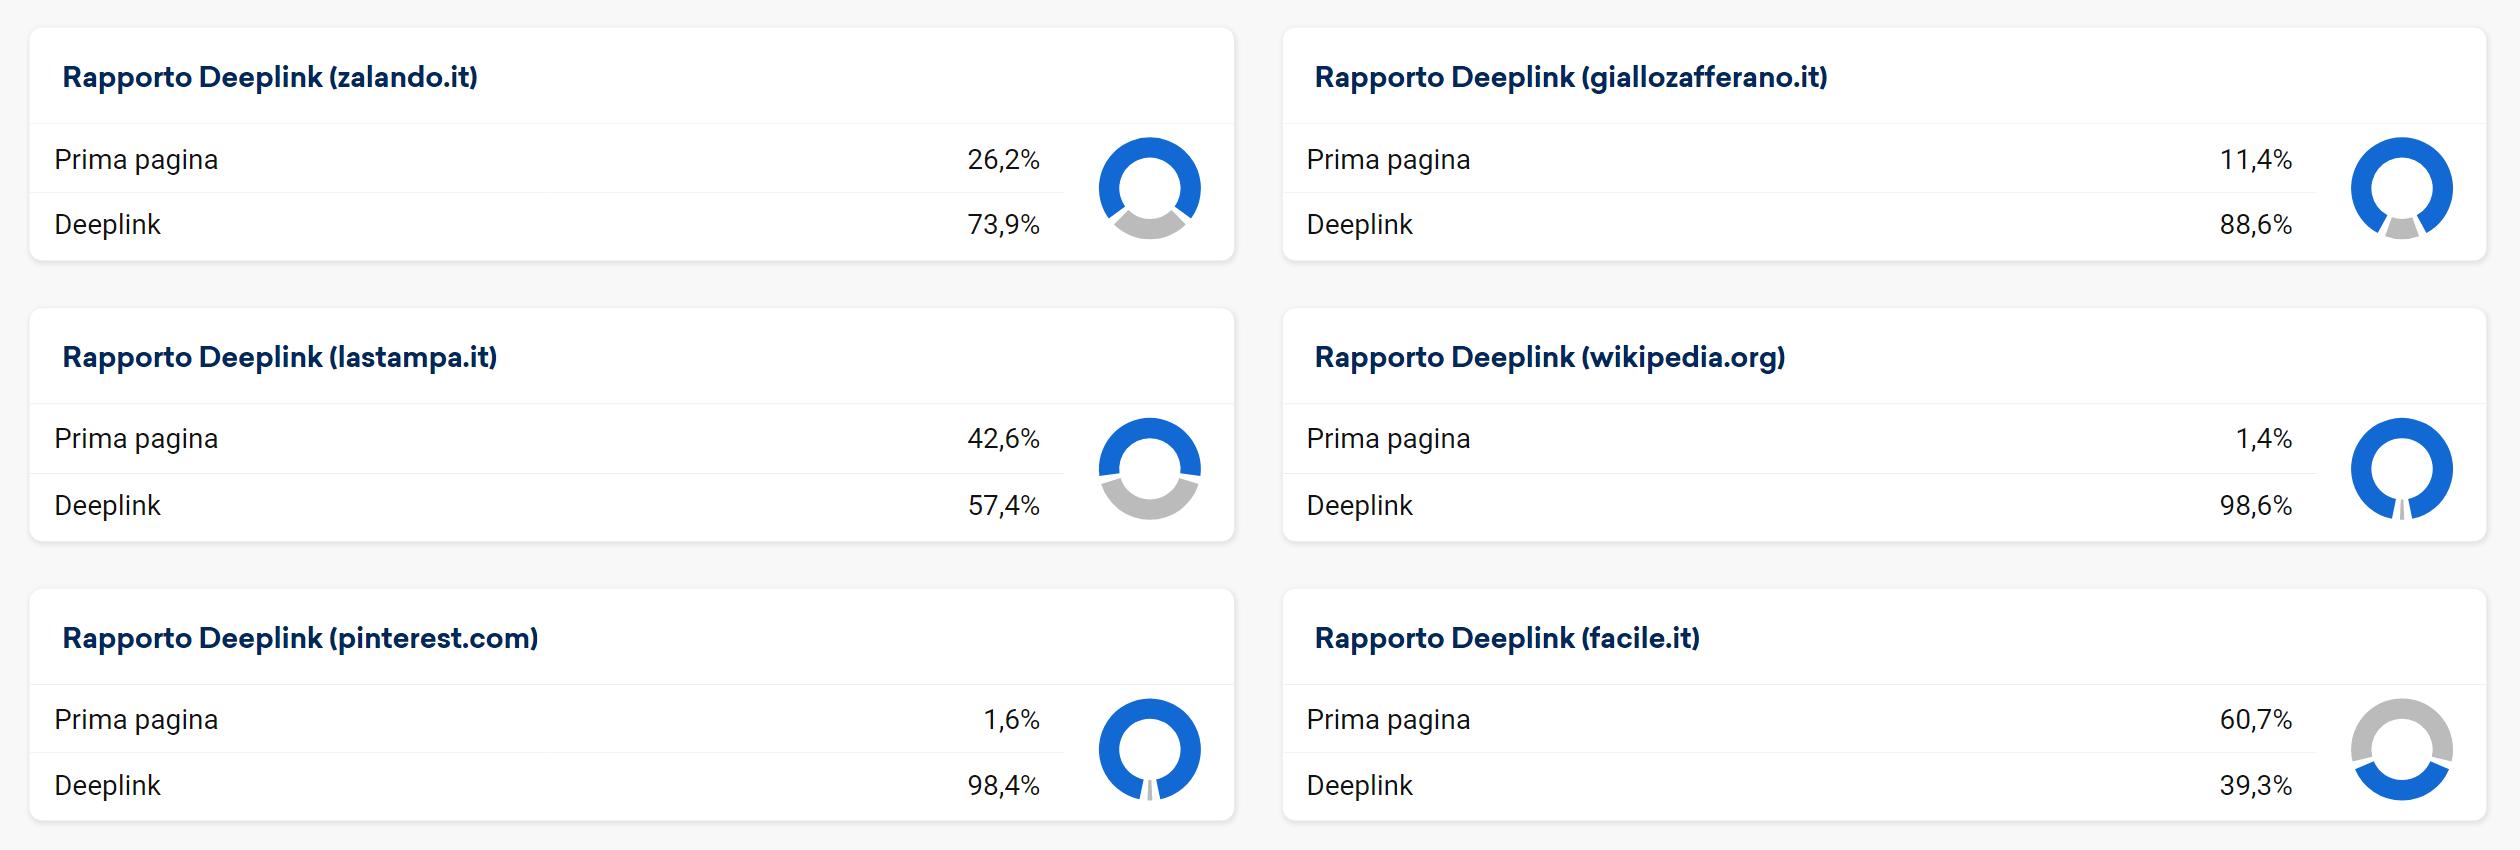 Rapporto deeplink di alcuni esempi